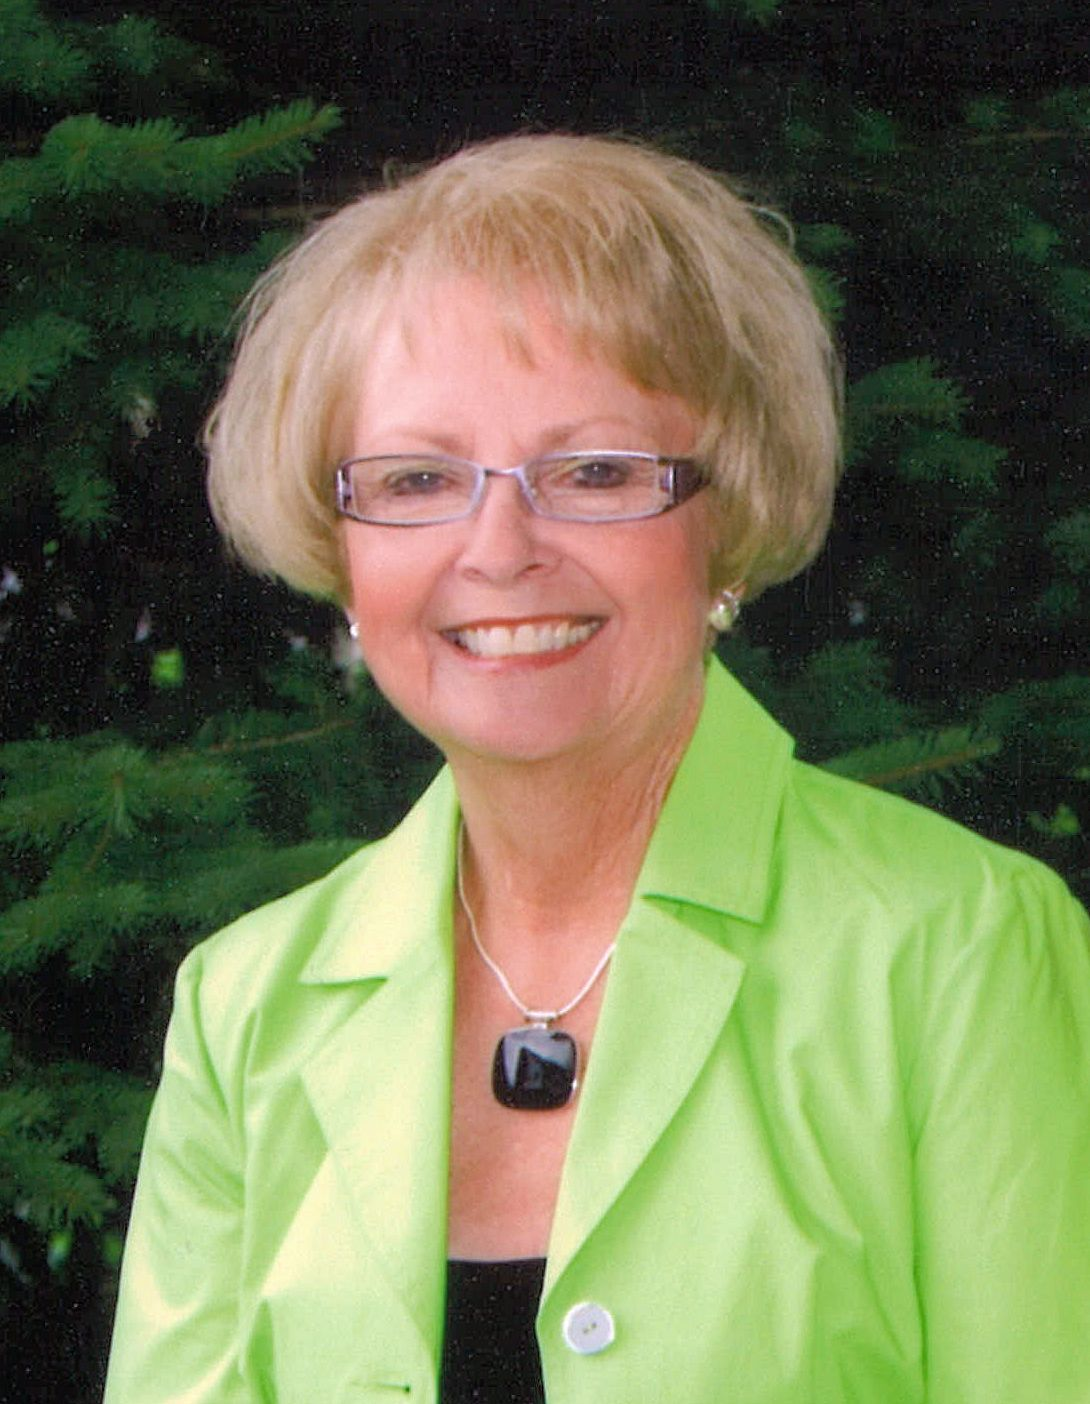 Audrey Hackwell McIIwain